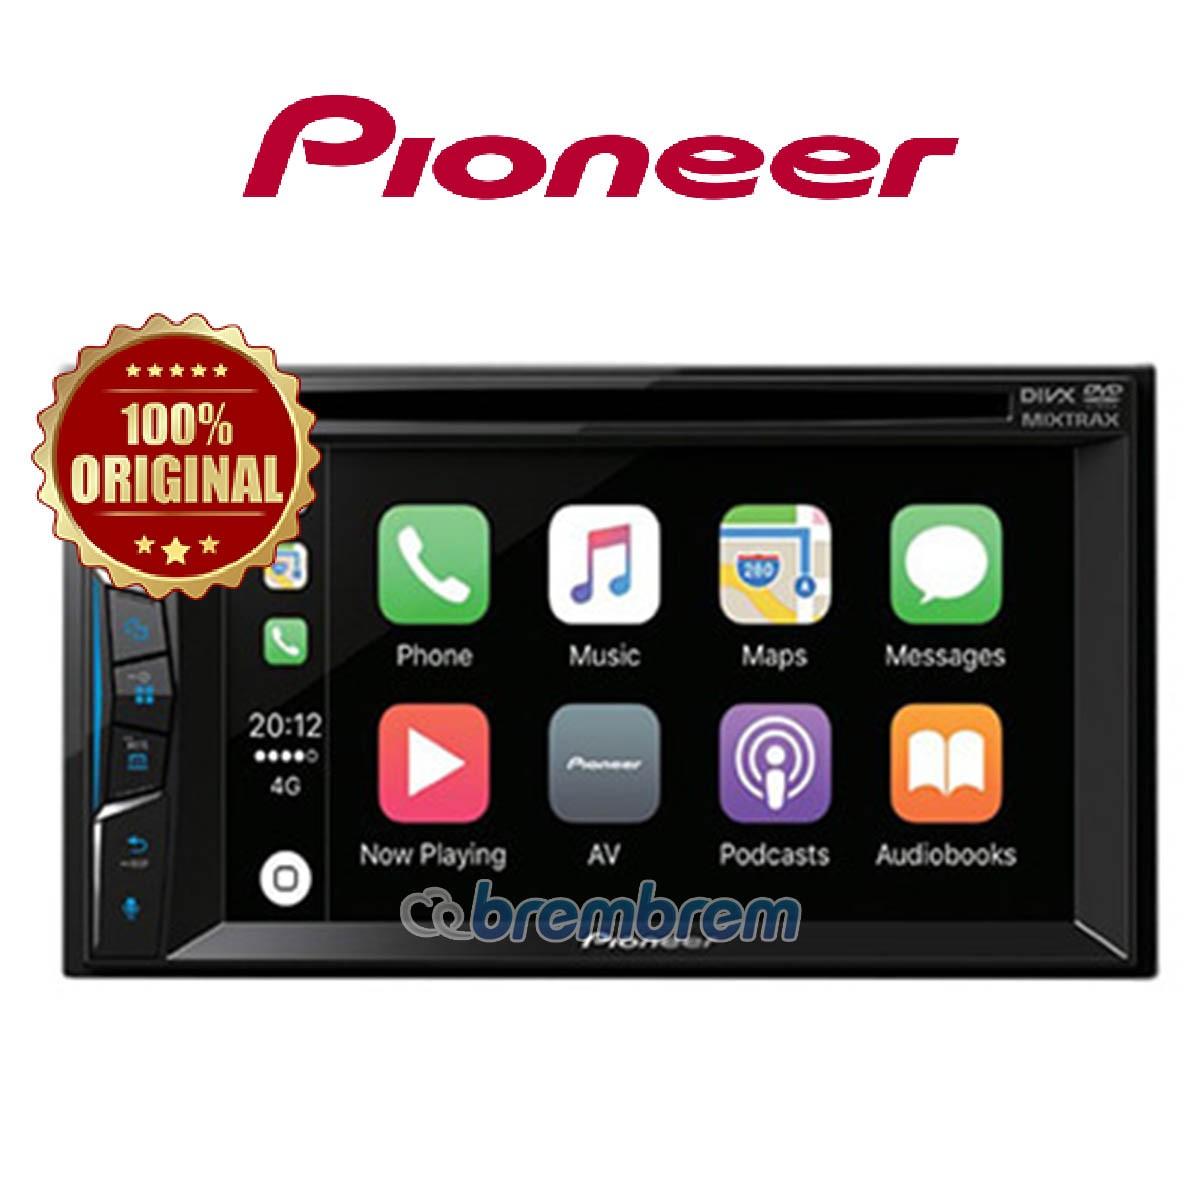 PIONEER AVH Z1050DVD - HEADUNIT DOUBLE DIN